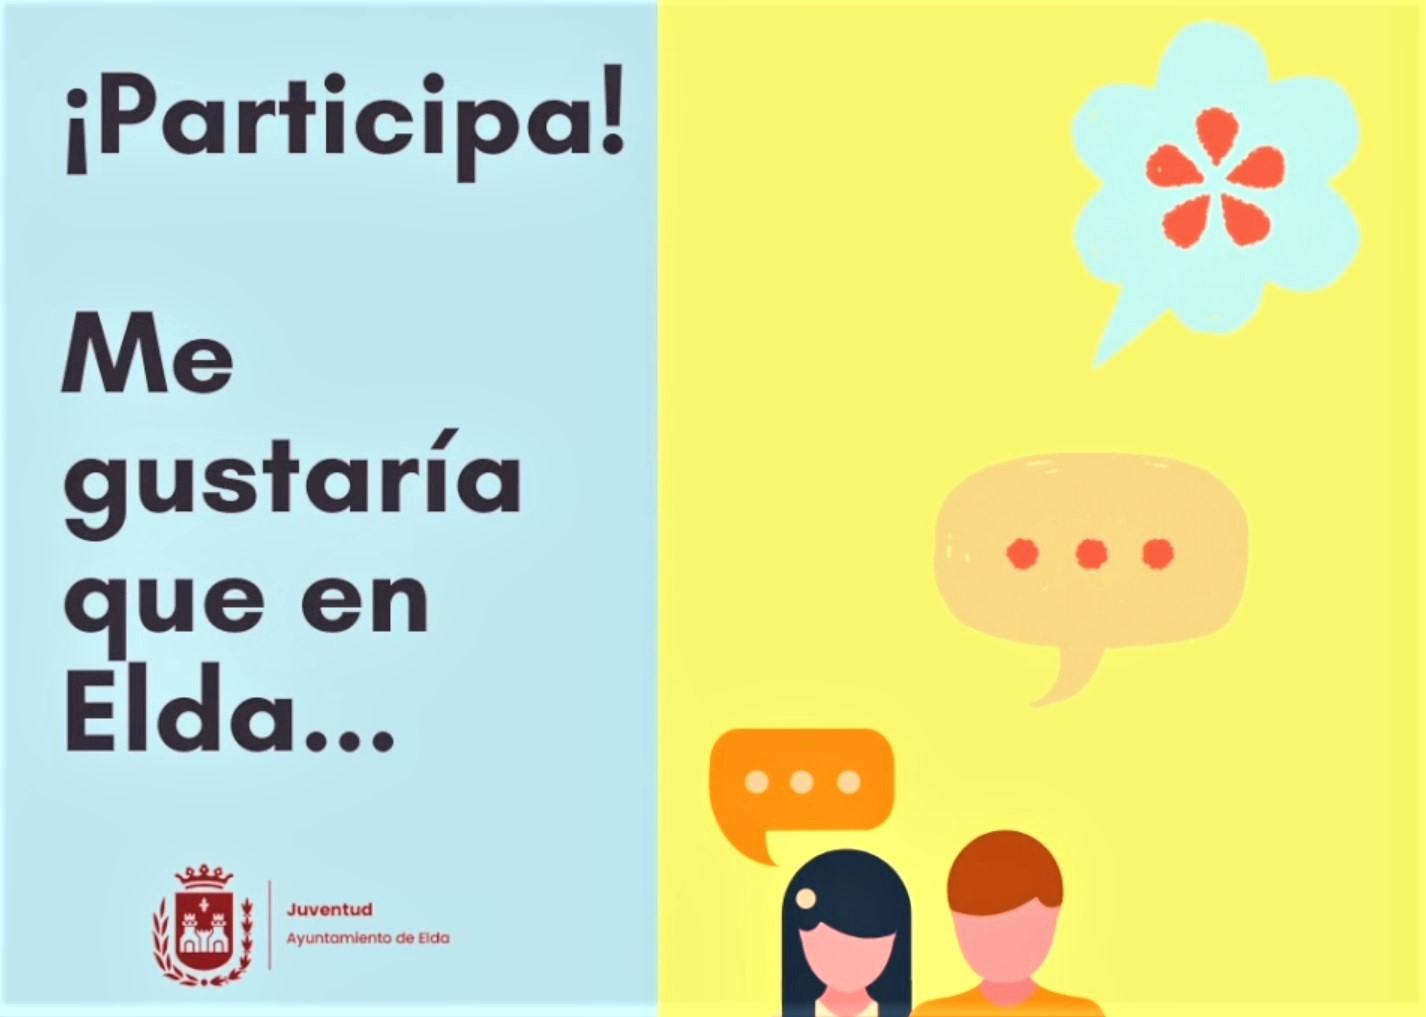 El Ayuntamiento de Elda ofrece un Taller de Participación Juvenil para crear un espacio de intercambio de ideas y opiniones